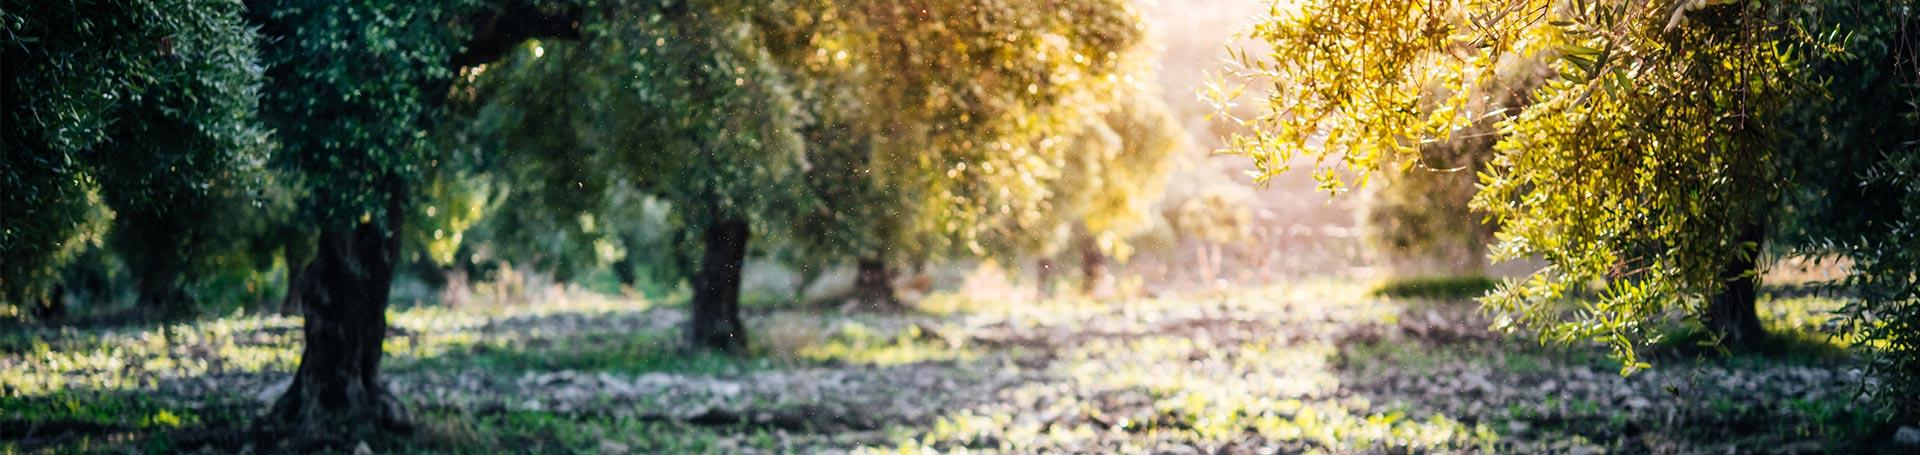 olive tree harvest elitagro